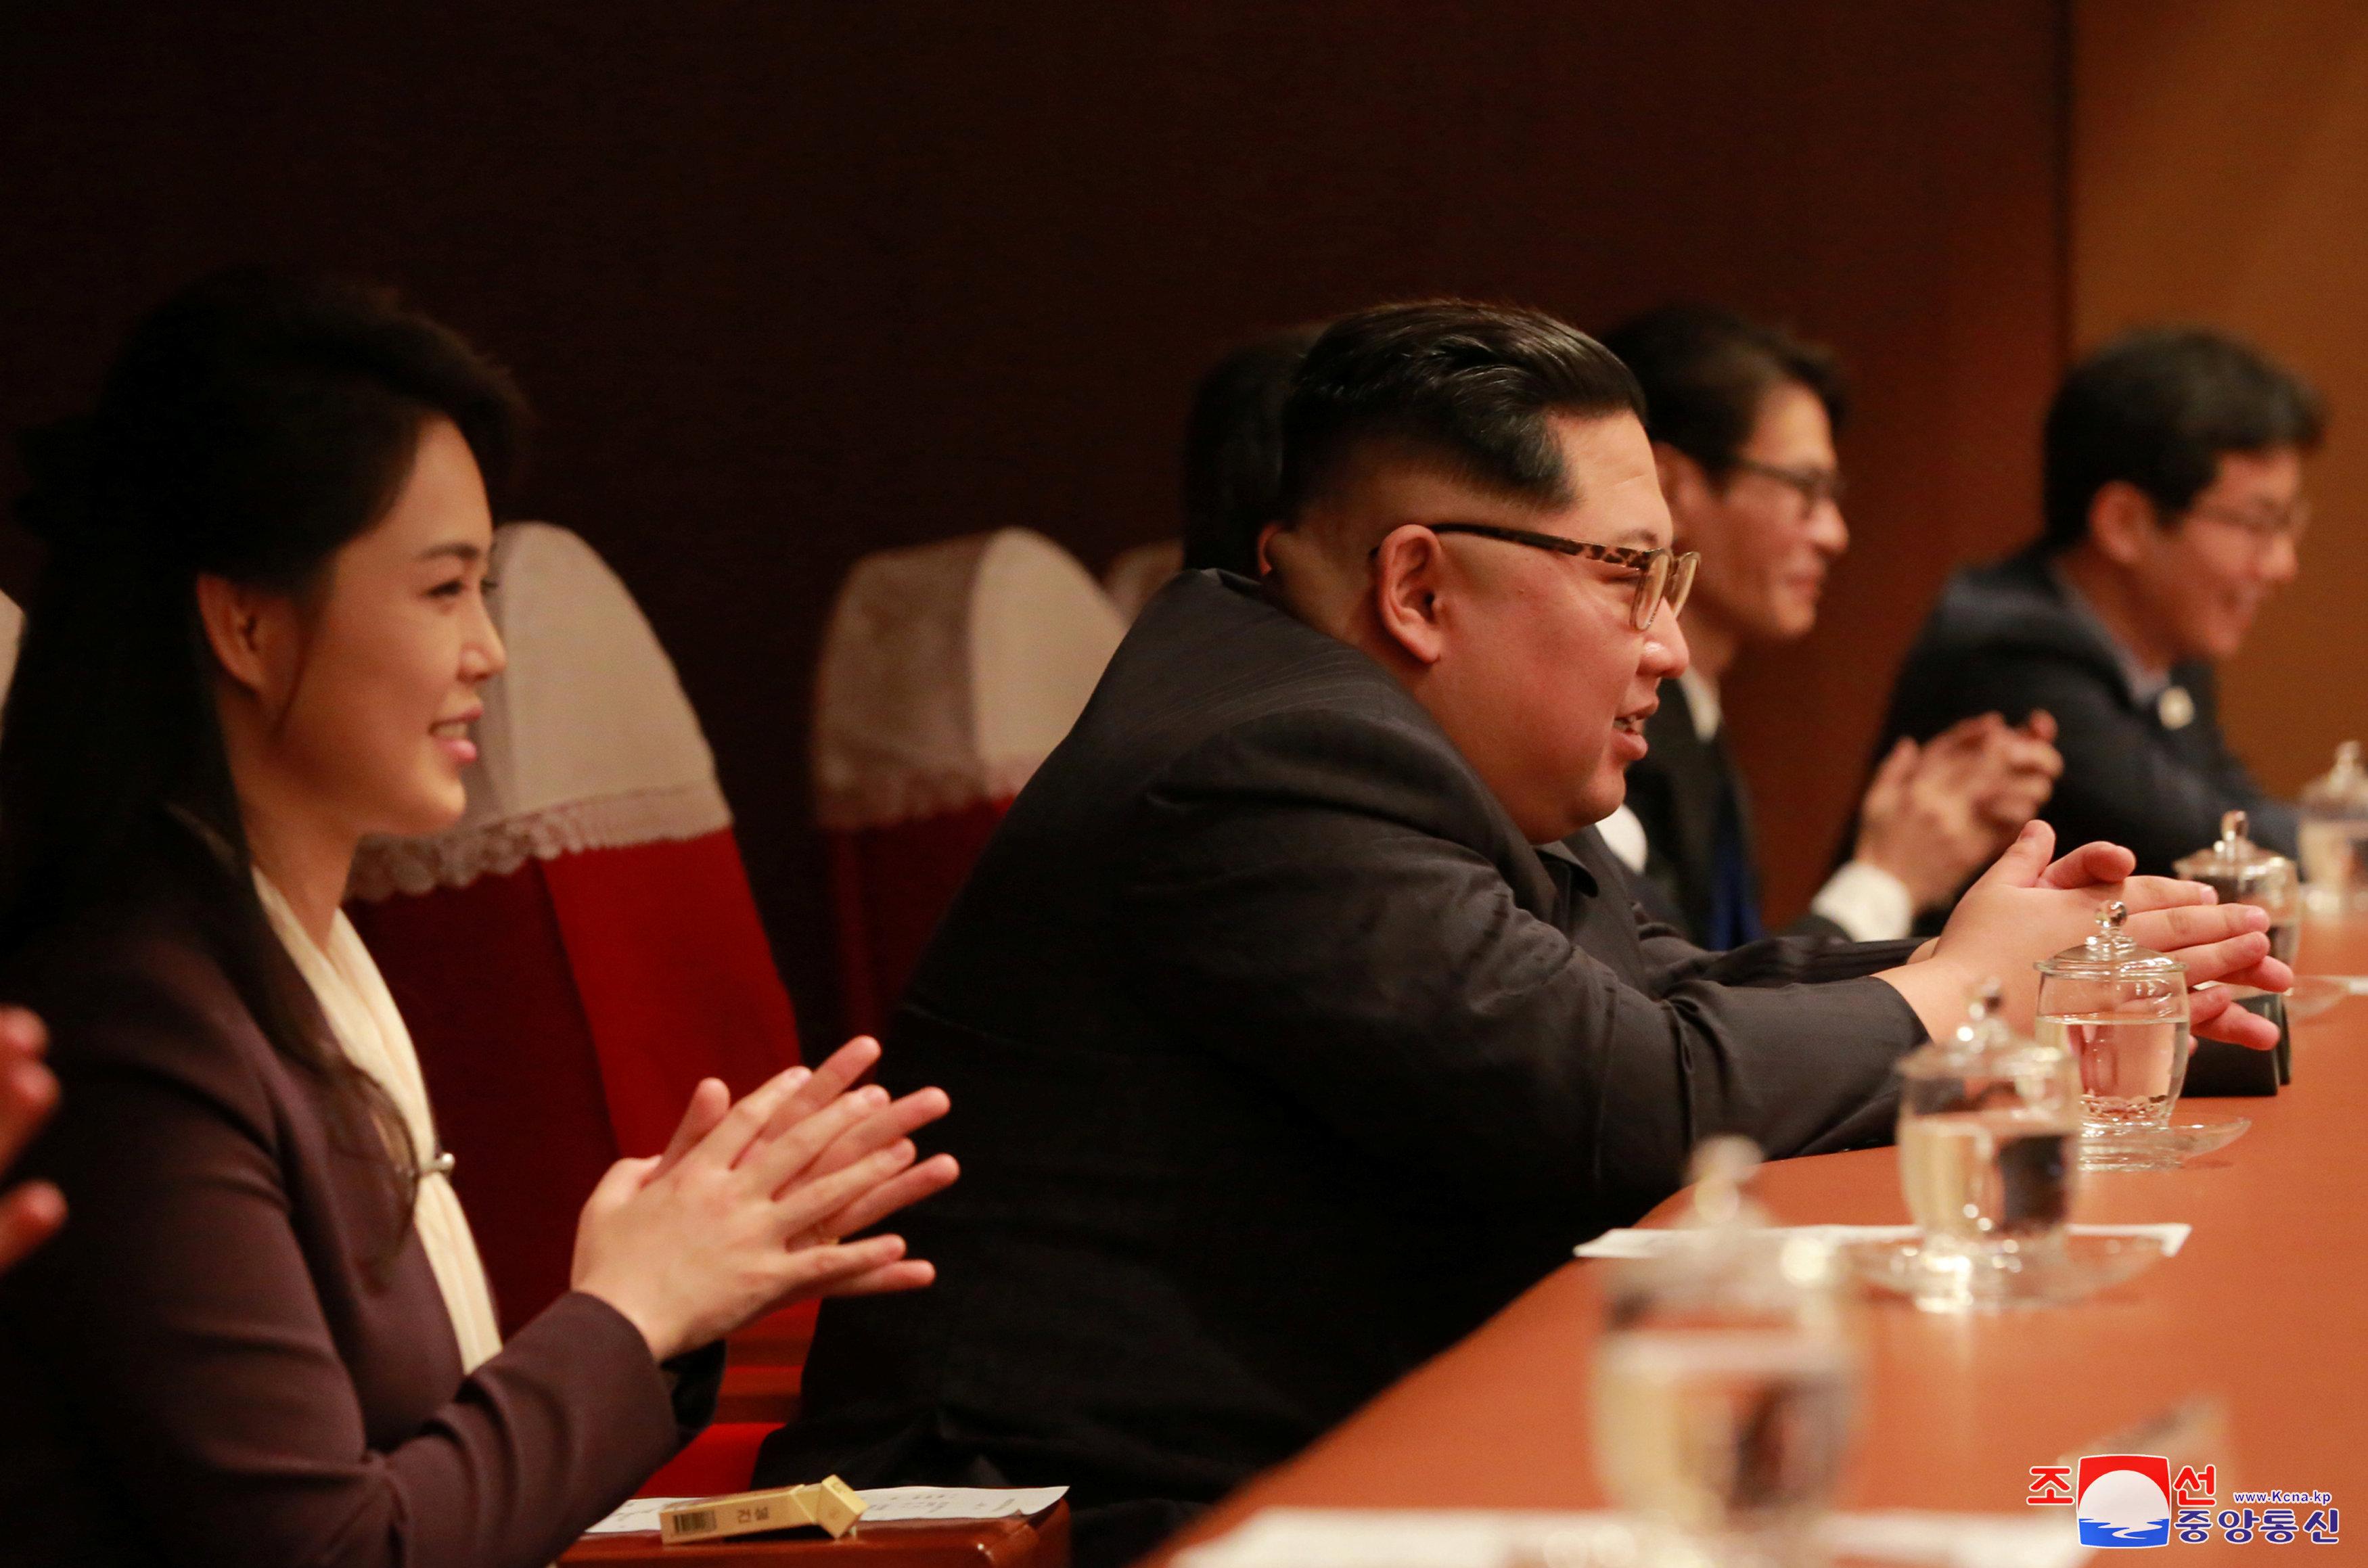 Kim Jong-un et son épouse Ri Sol-ju lors d'un concert sud-coréen